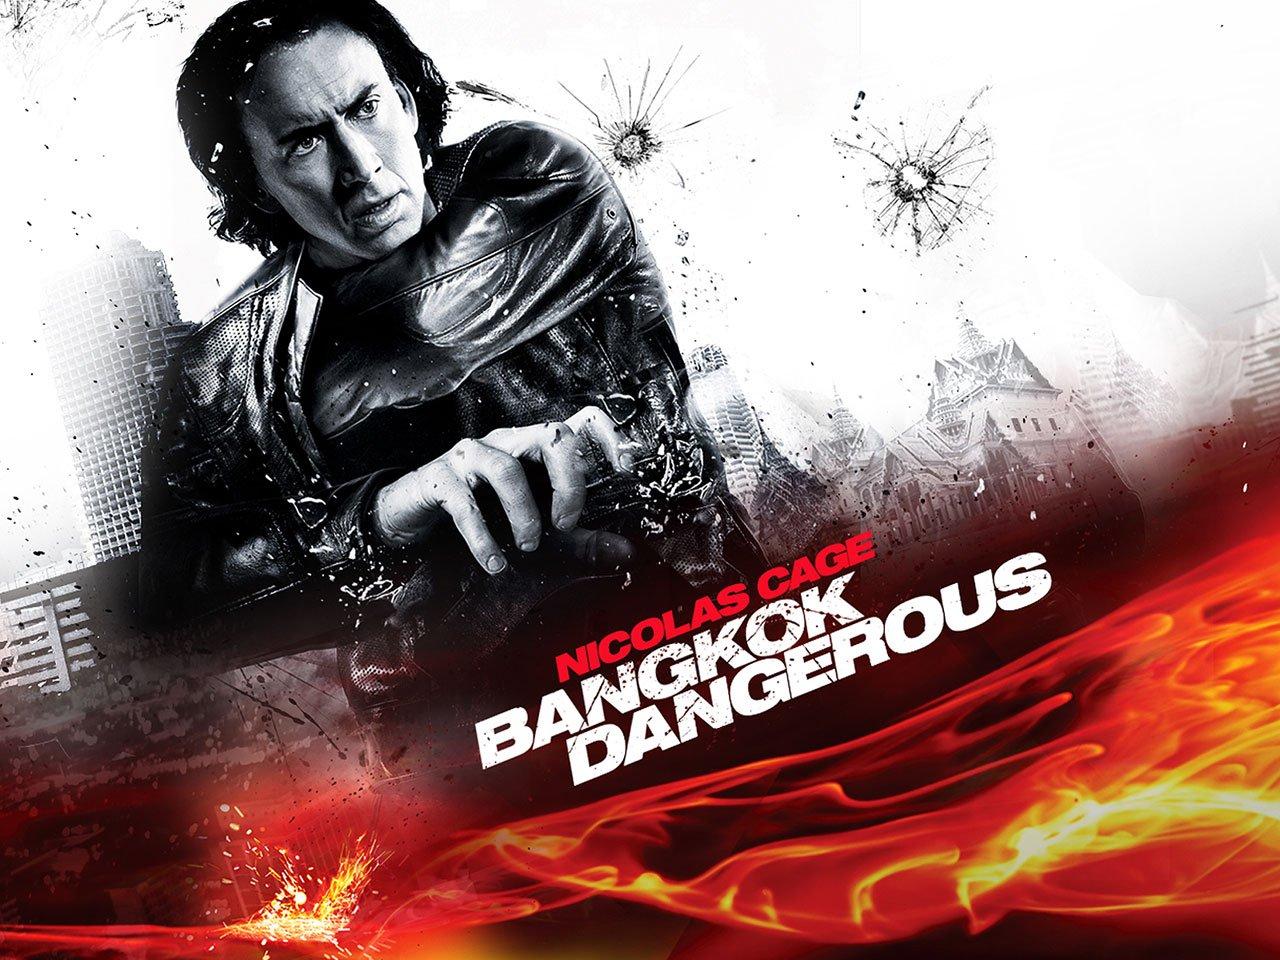 http://2.bp.blogspot.com/__UKa_QKl9dE/S_Wr782no3I/AAAAAAAAArI/EqiYhI3wEJc/s1600/bangkok.jpg